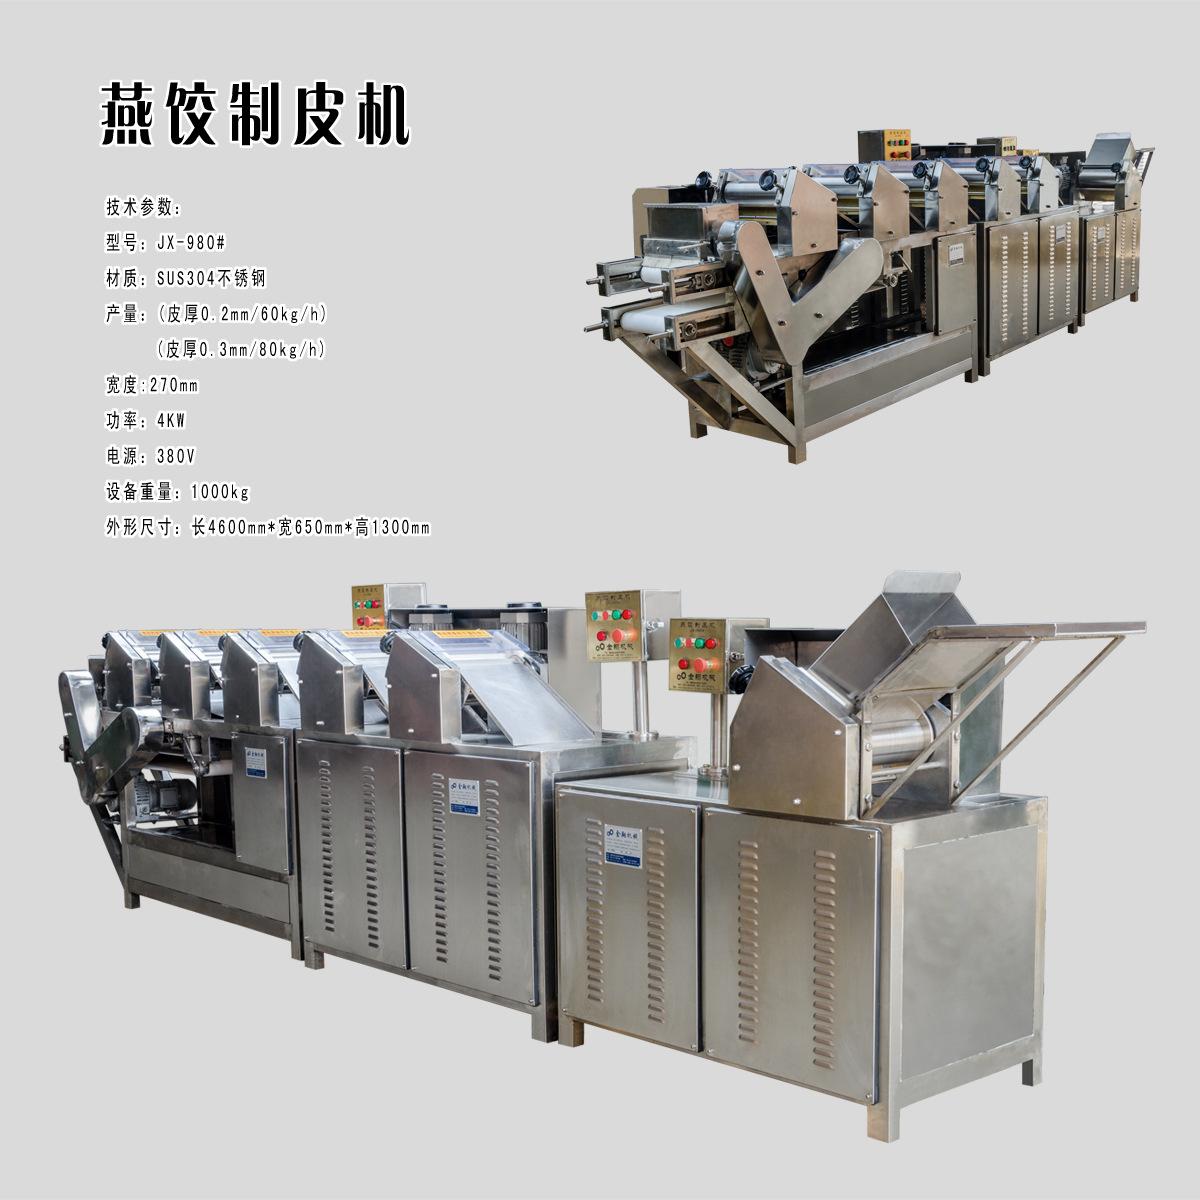 燕皮-福州肉燕皮--阿里巴巴采购平台求购产品详